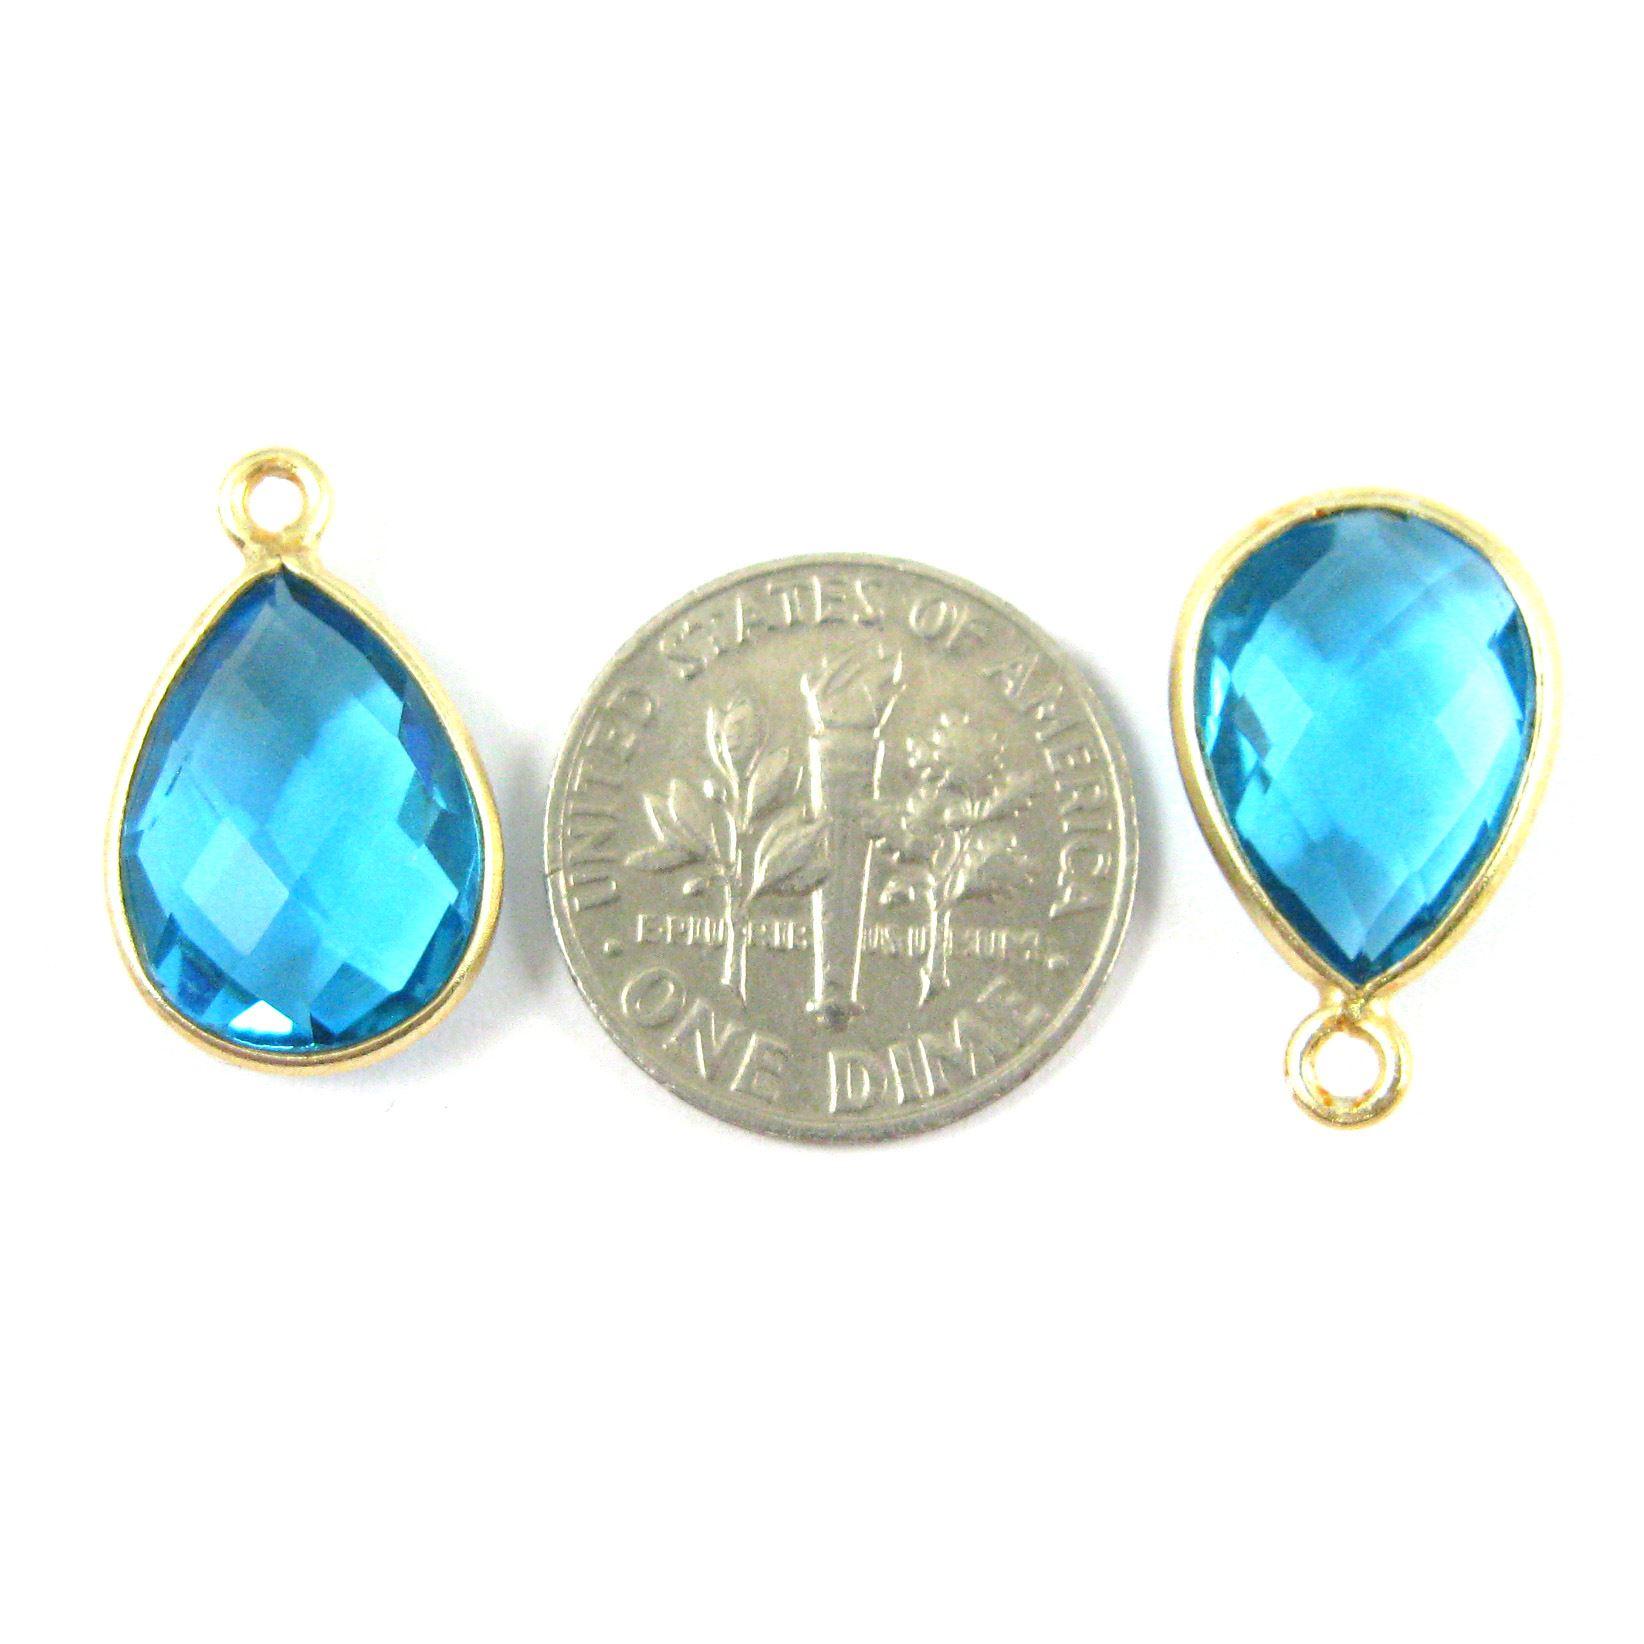 Bezel Gemstone Pendant - 10x14mm Faceted Small Teardop Shape - Blue Topaz Quartz (Sold per 2 pieces)